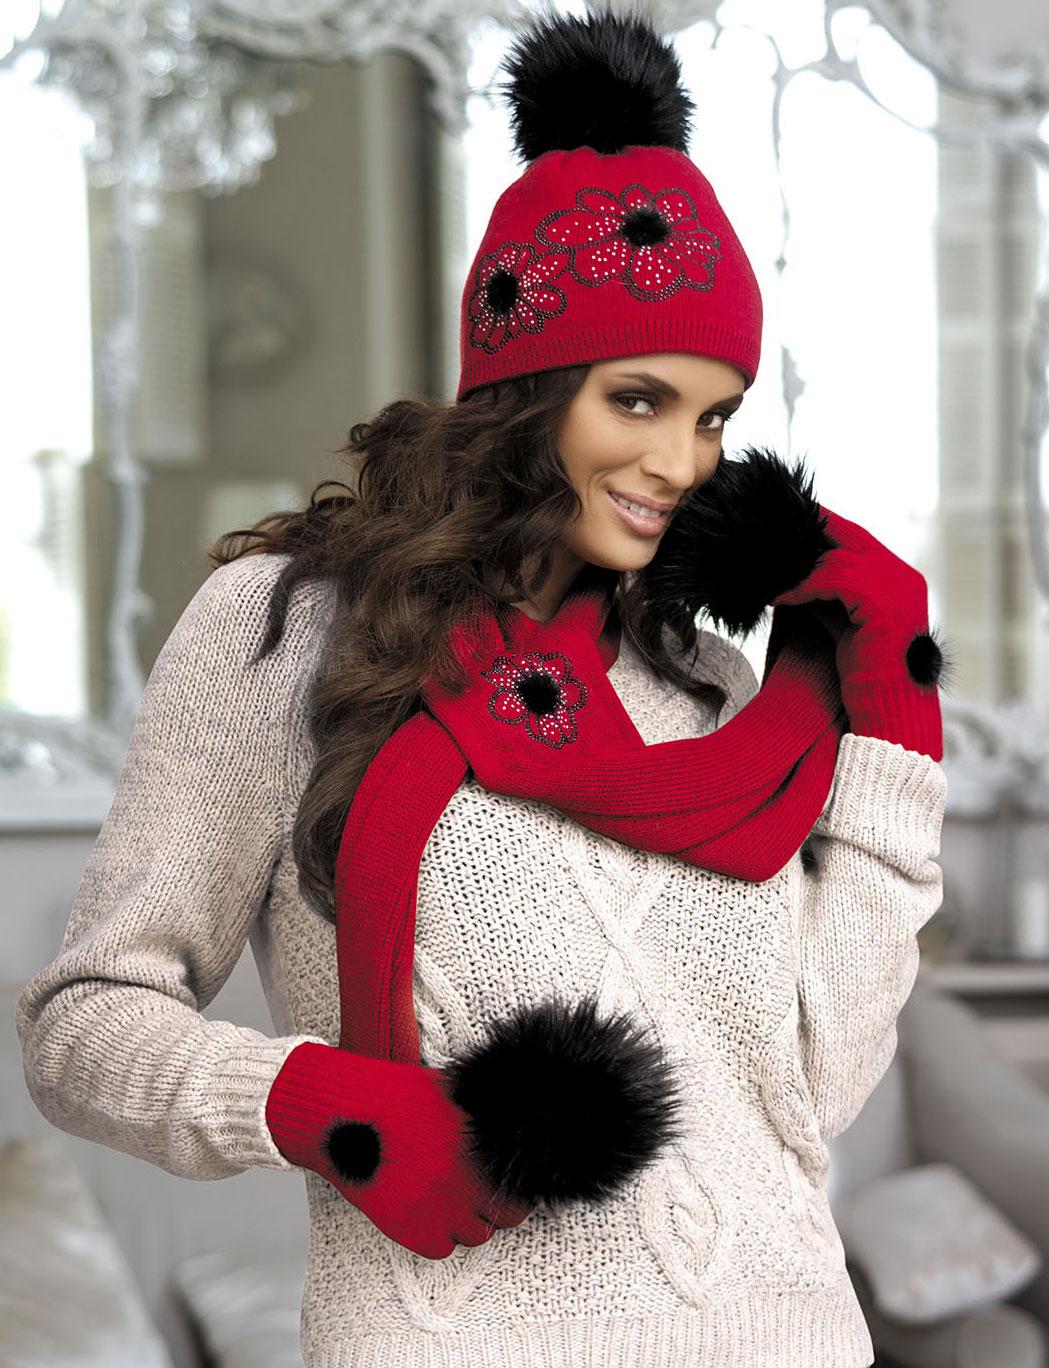 Фото девушки в красной куртке и шапке